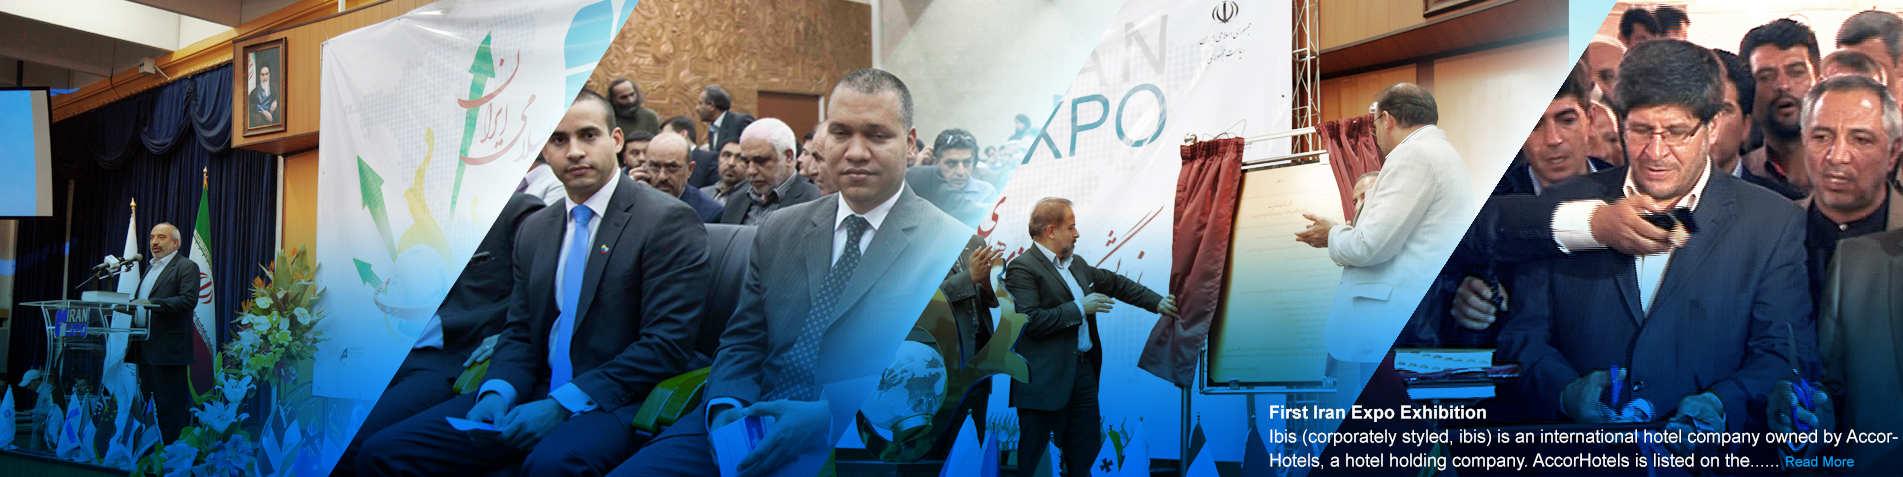 برگزاری اولین دوره نمایشگاه ایران اکسپو